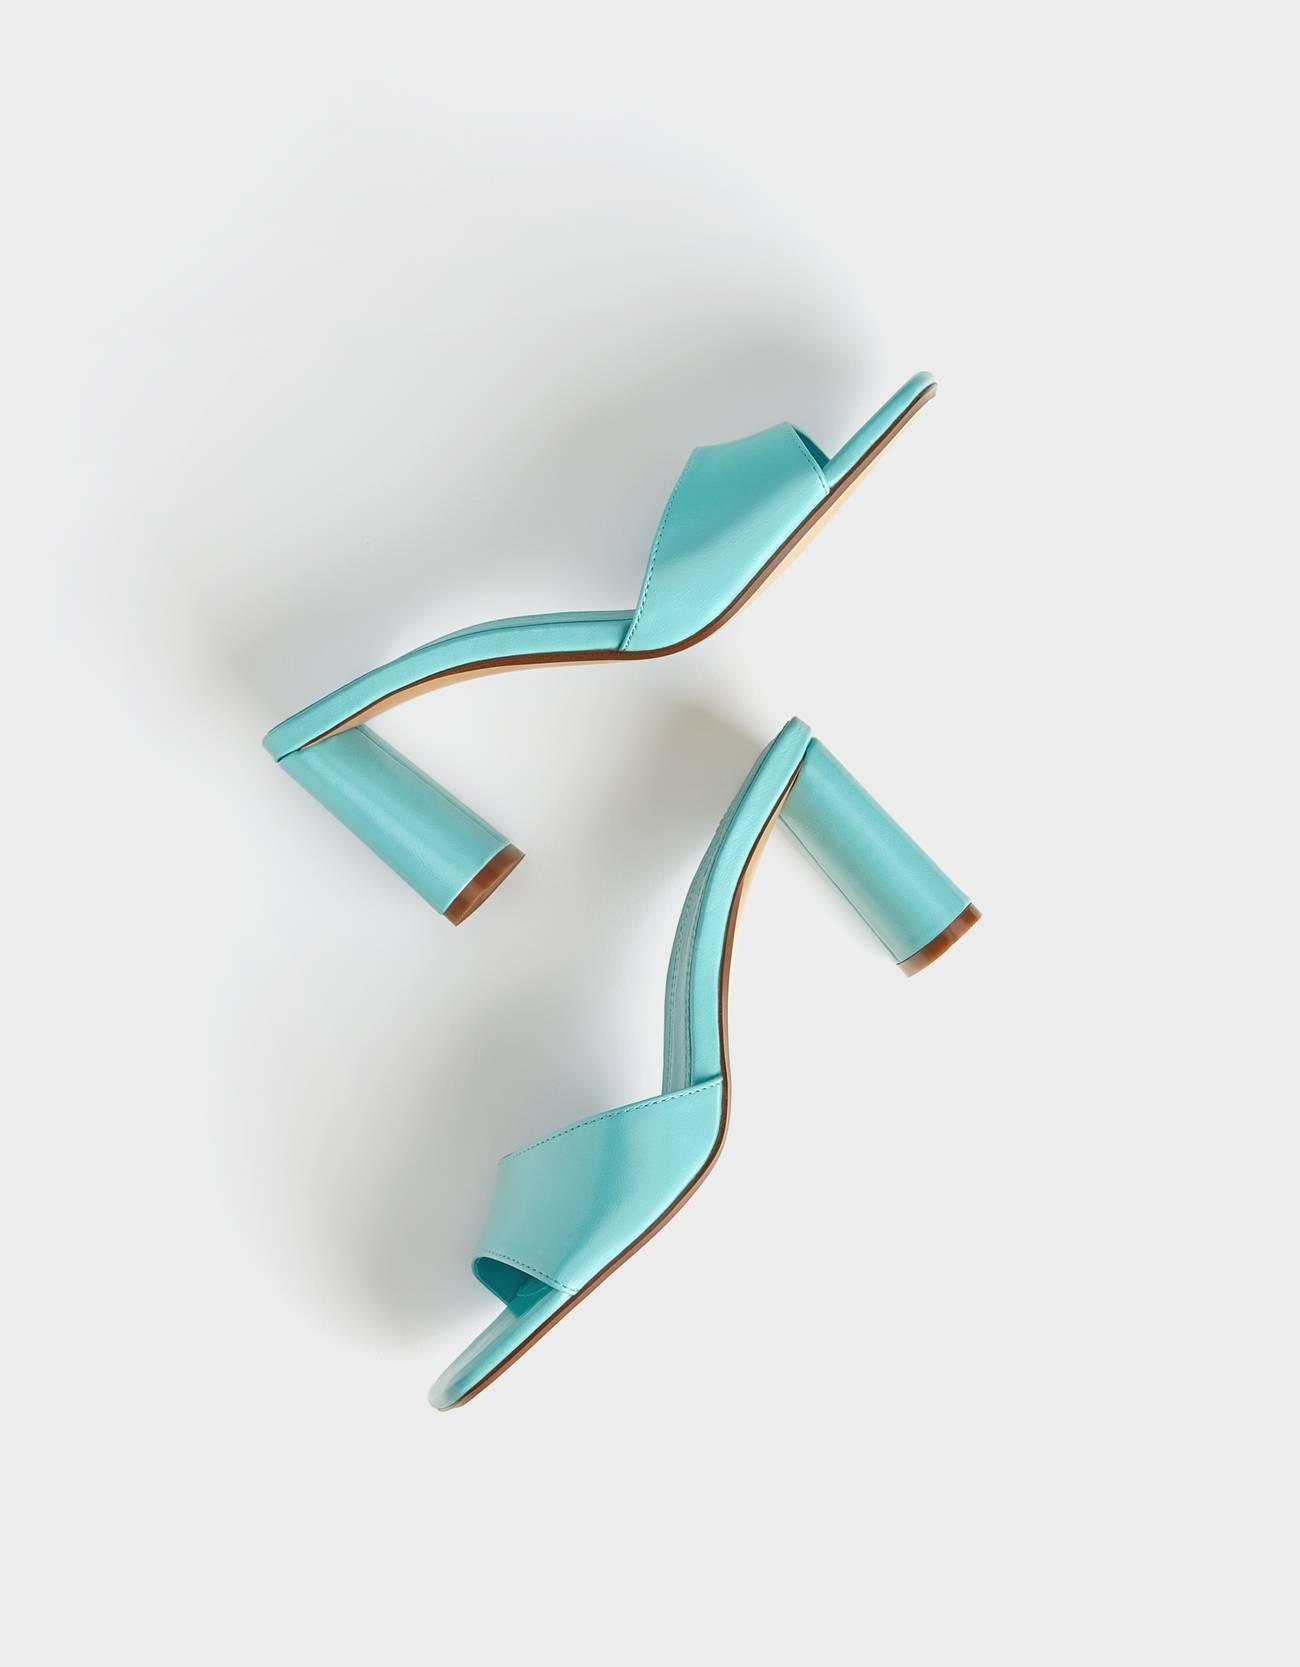 Sandalias pala con tacón ancho en azul turquesa